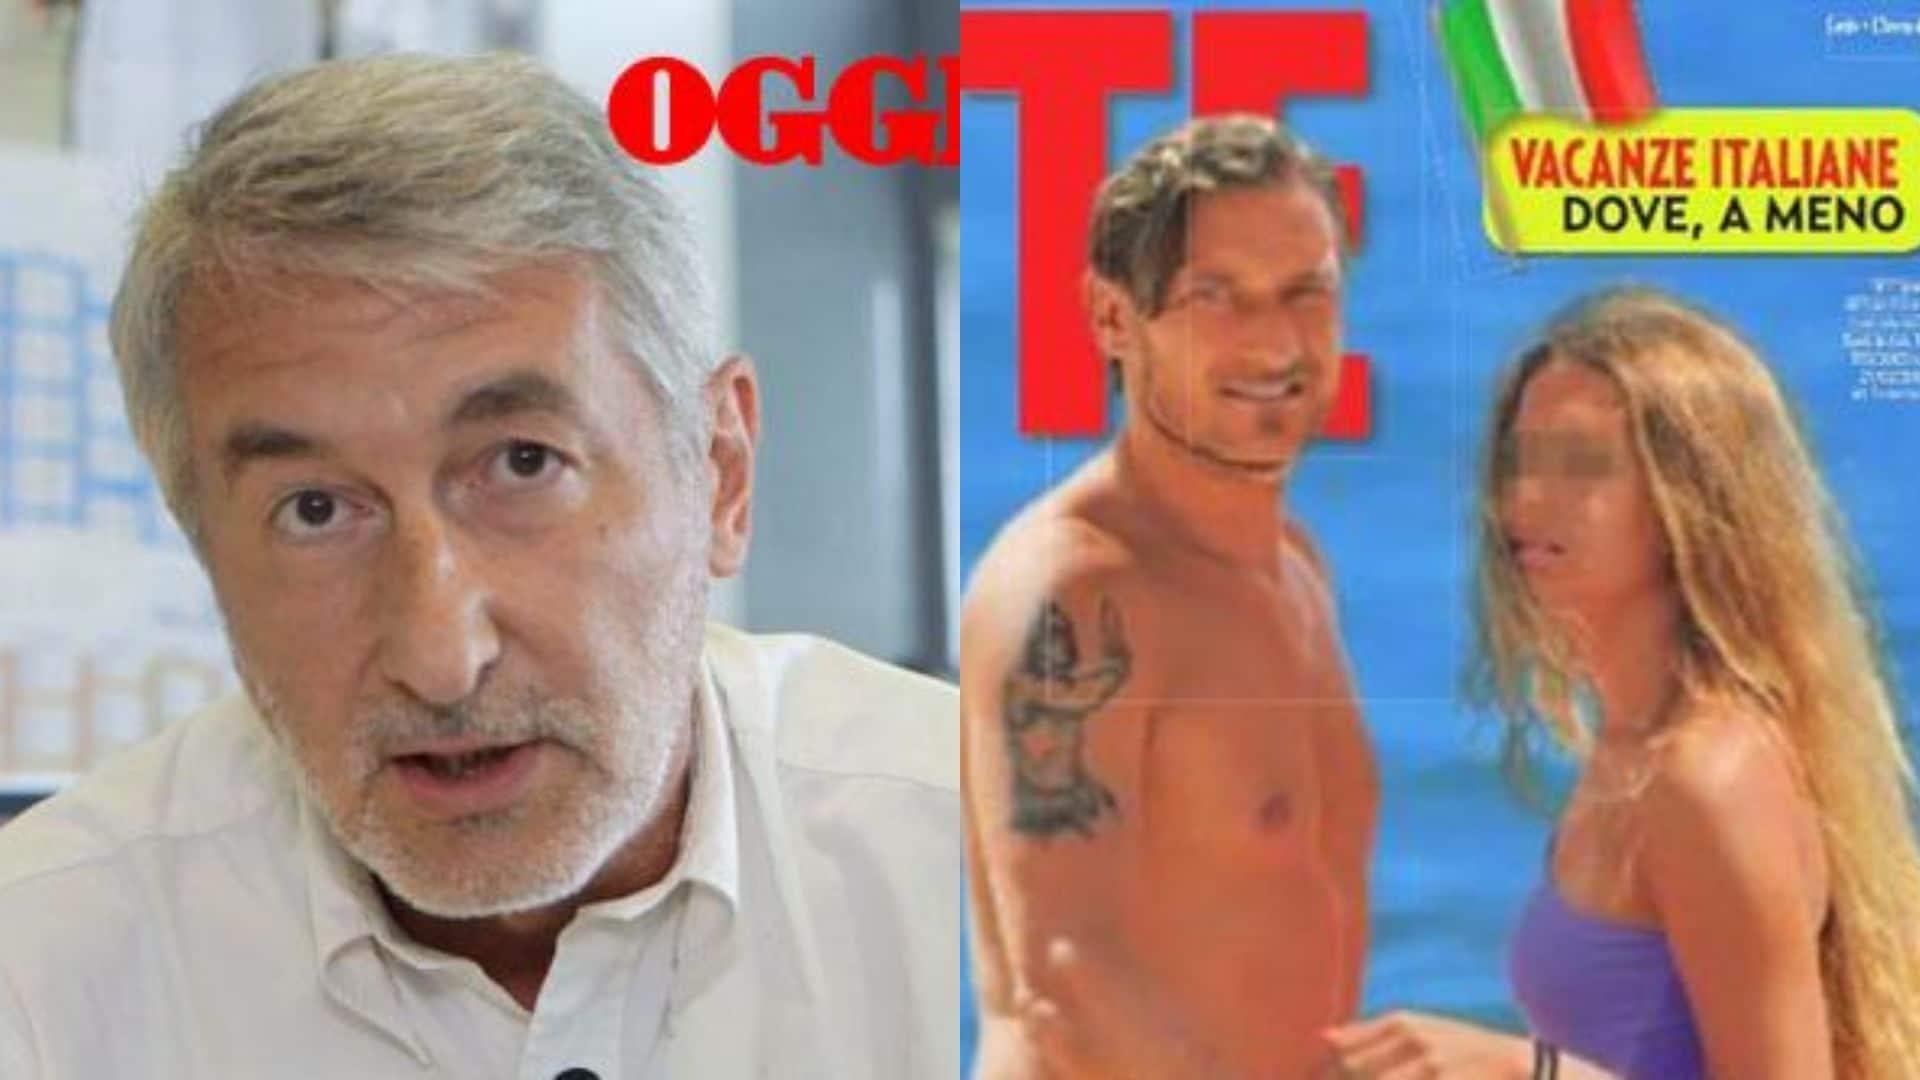 """La copertina con Chanel Totti non l'avrei fatta"""": parla il direttore di Oggi, Brindani"""